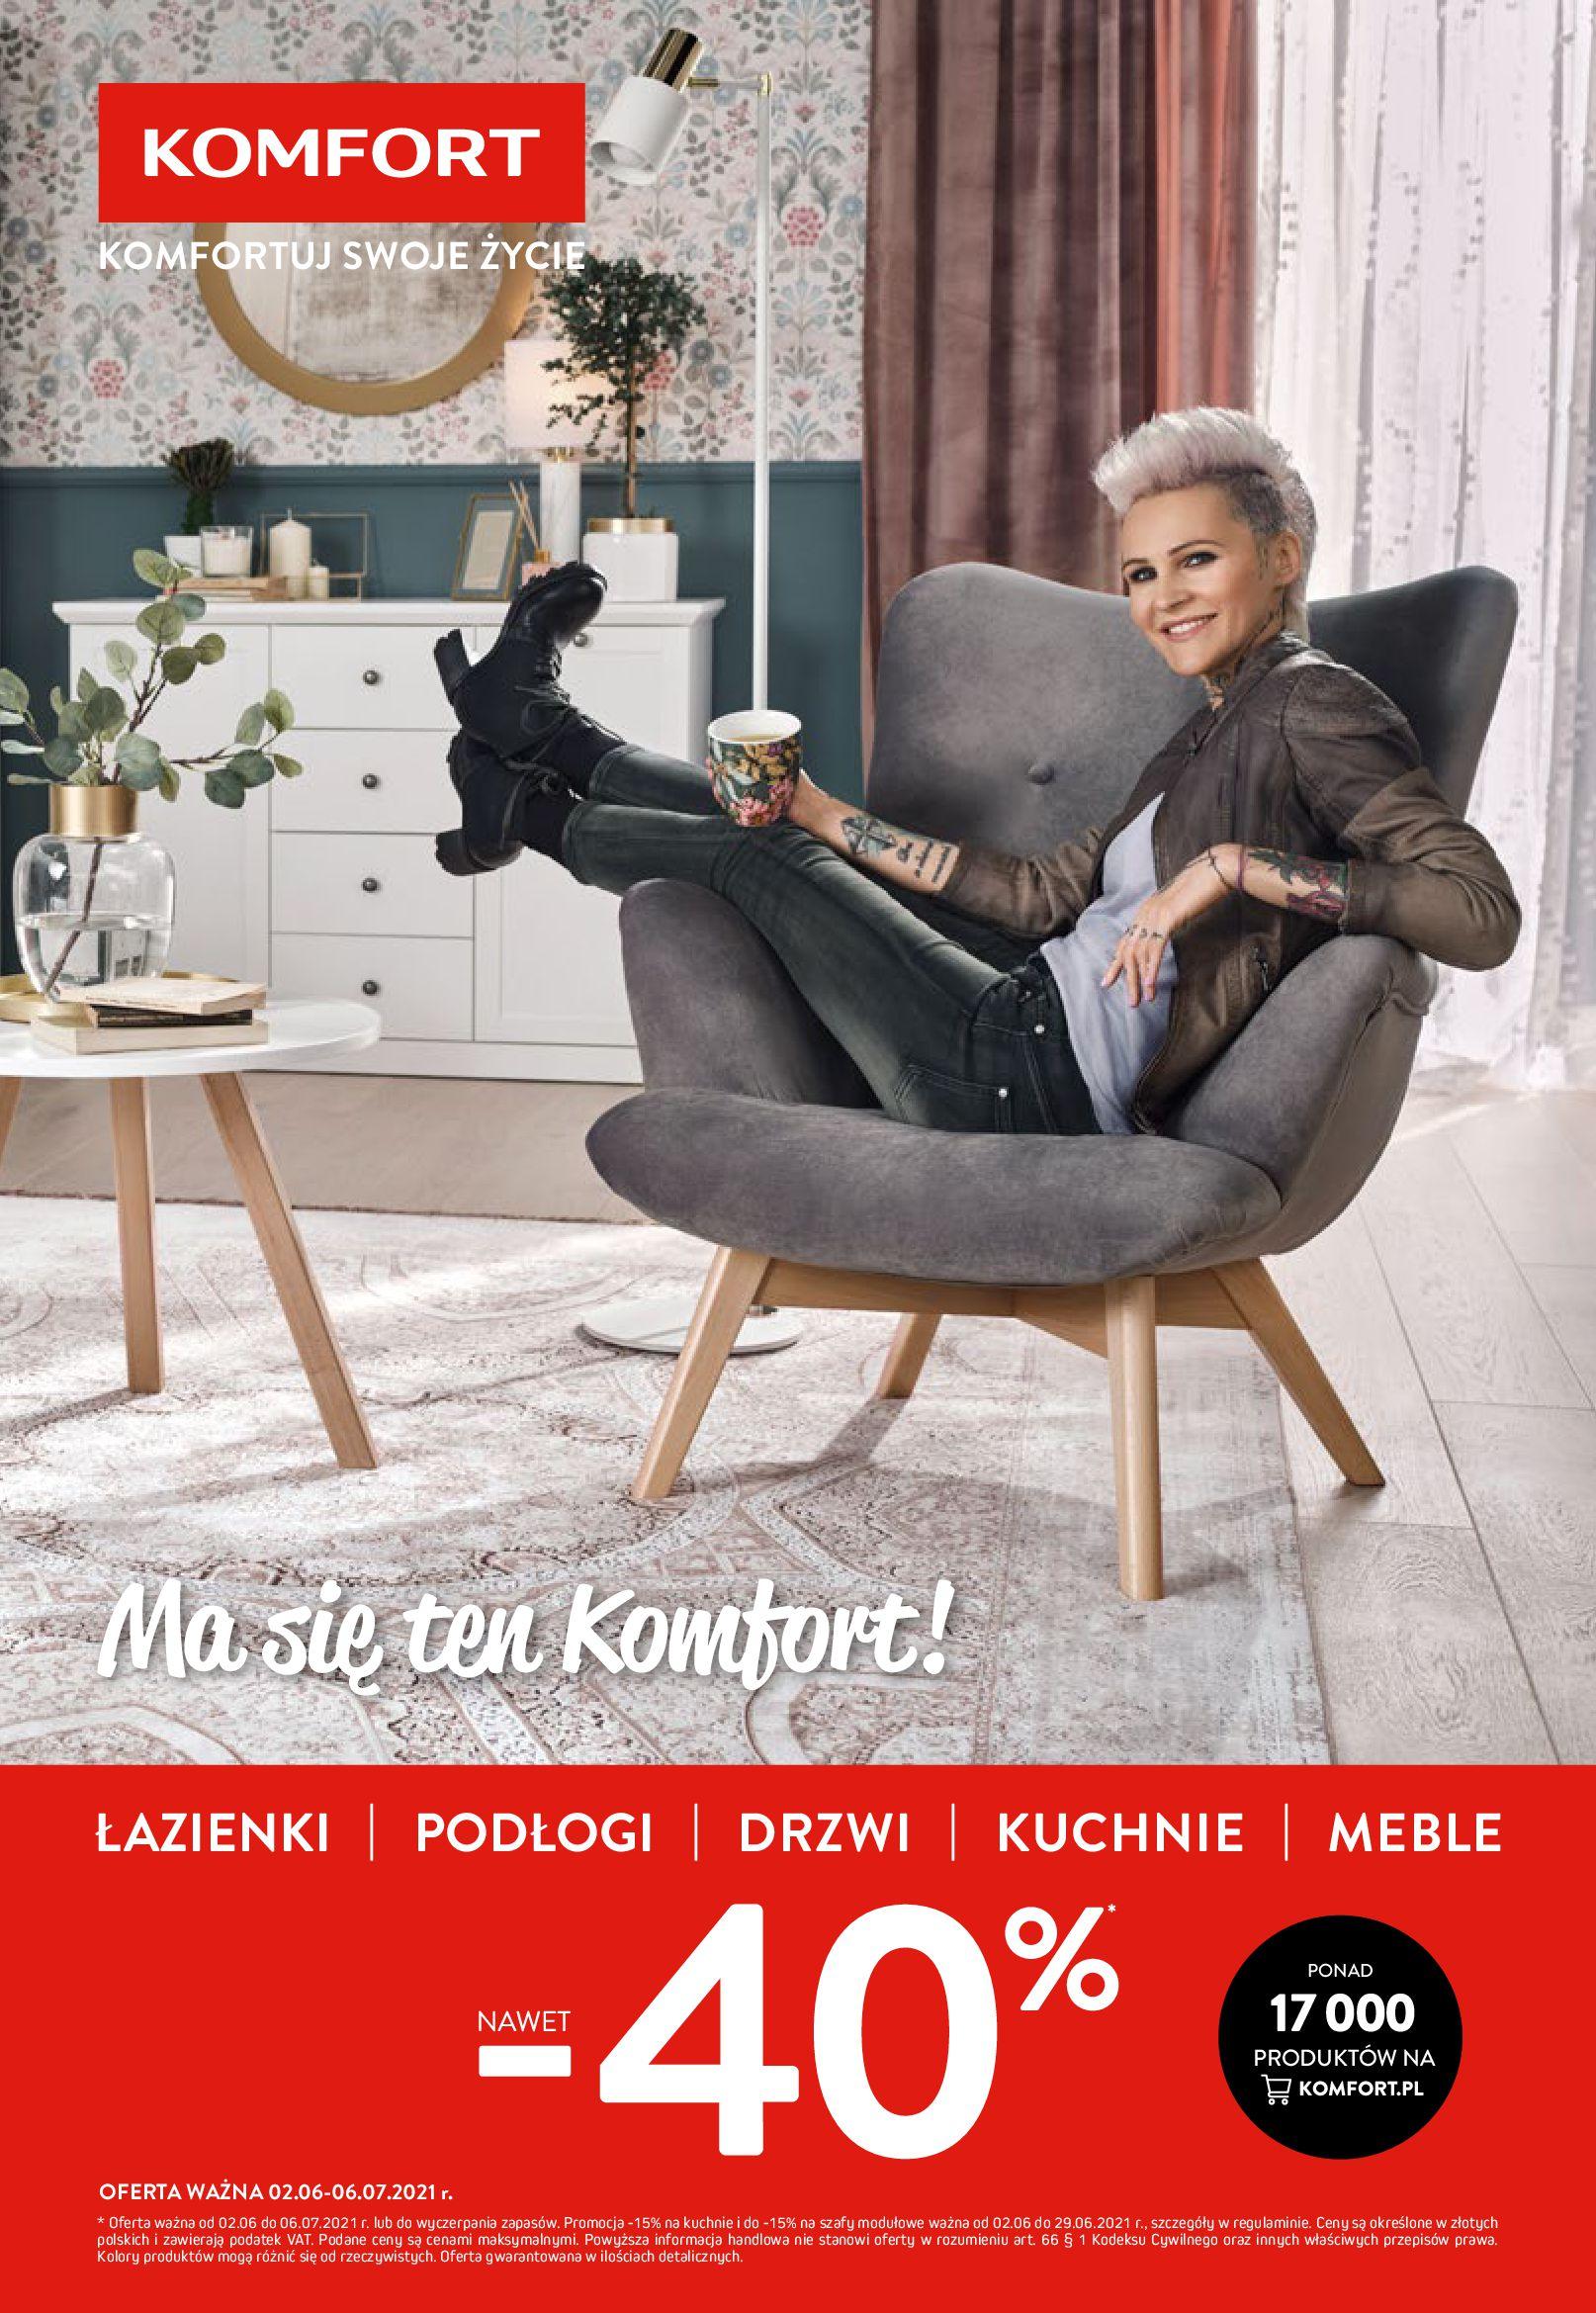 Komfort:  Gazetka Komfort - 2.06-6.07 01.06.2021